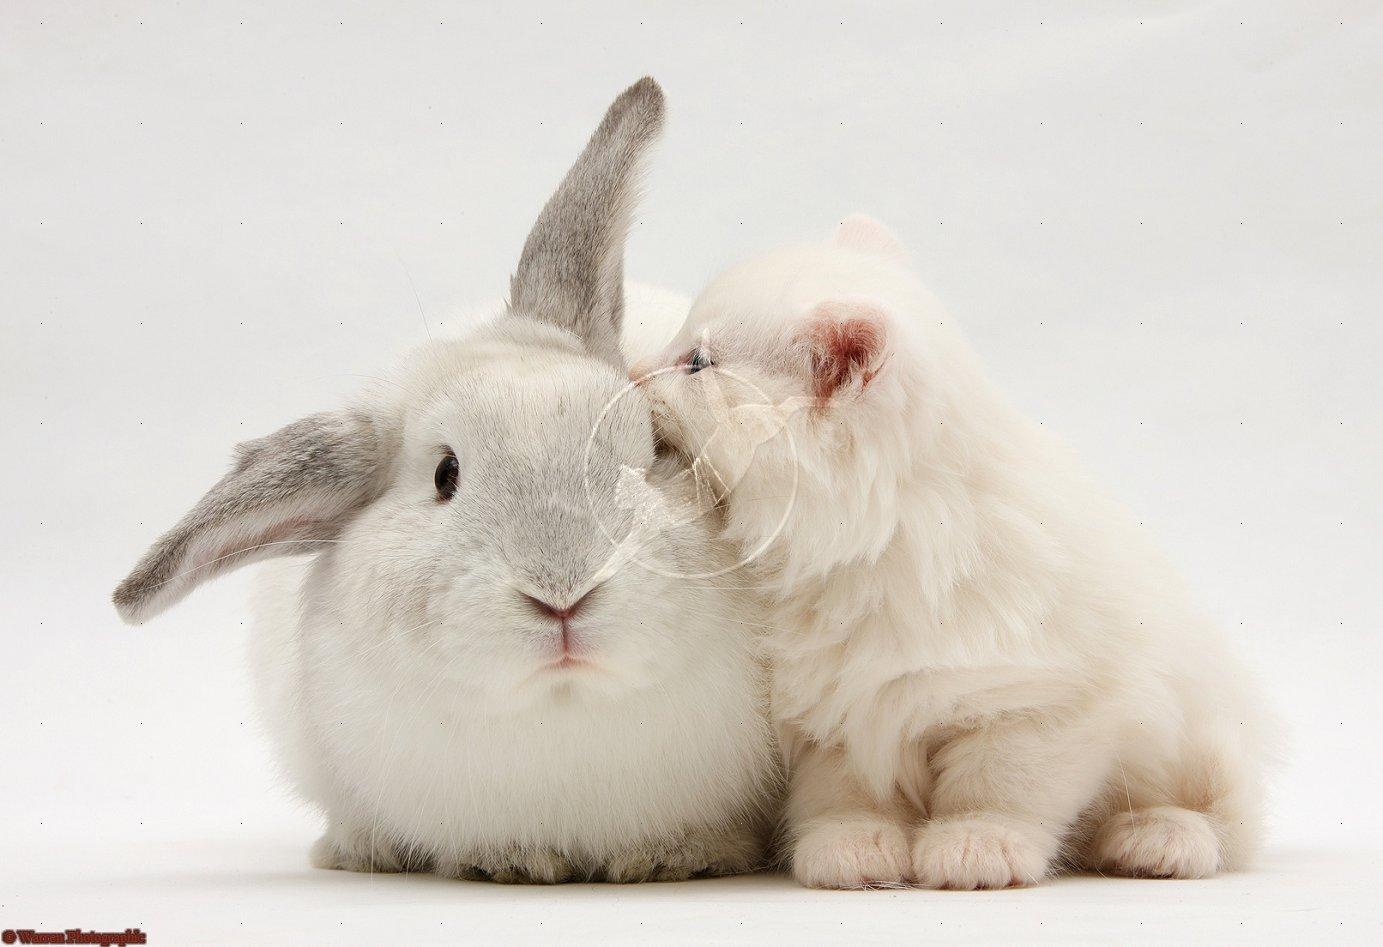 跪求一张猫和兔子说悄悄话的图片